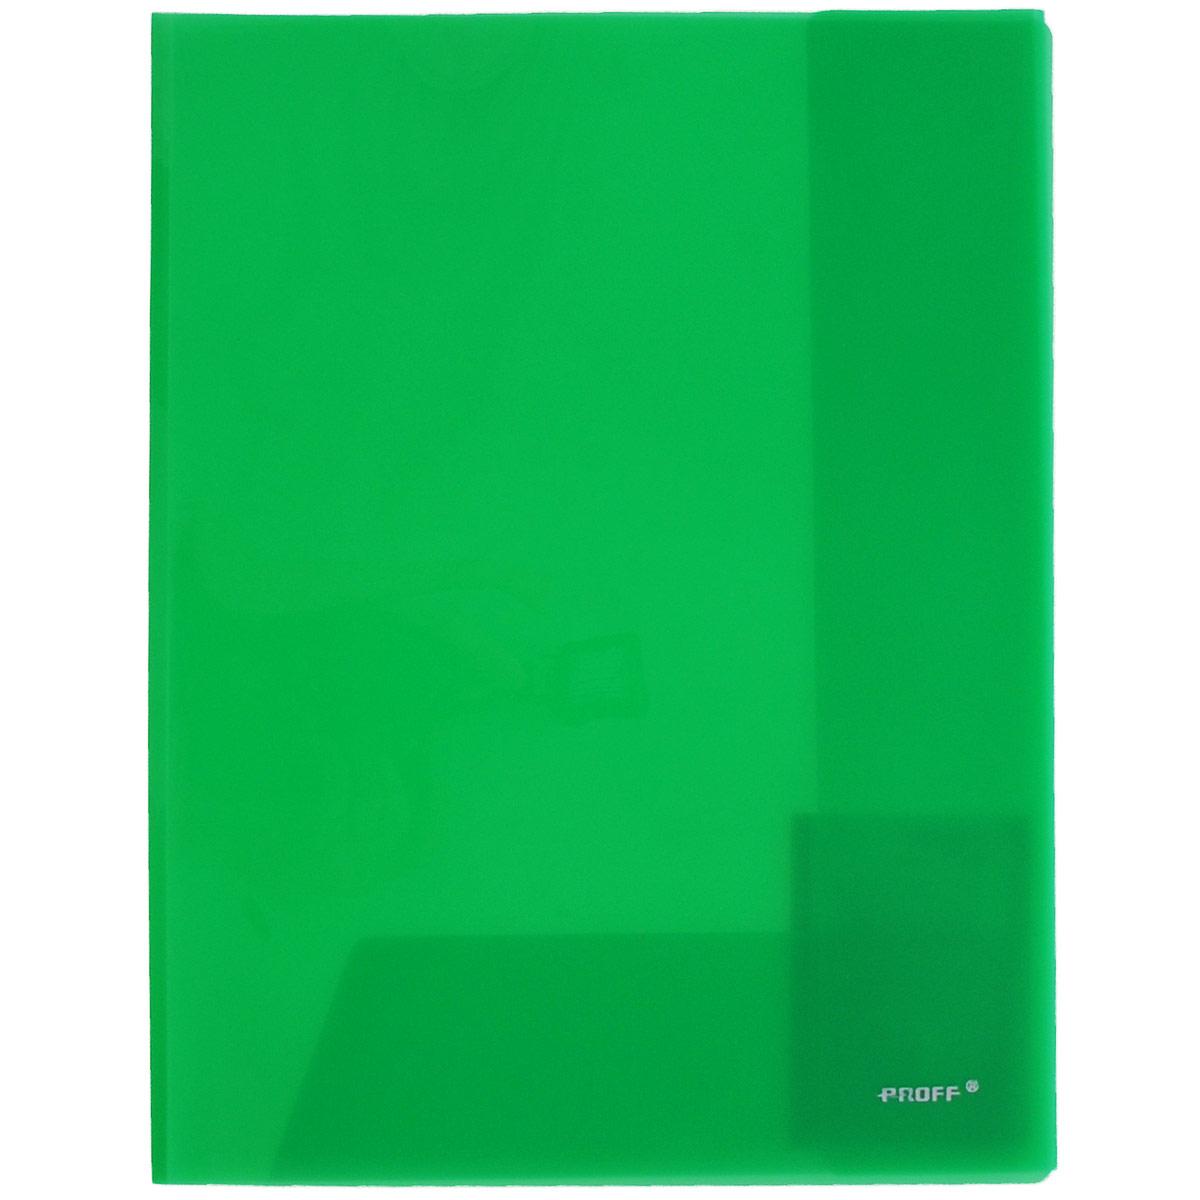 Папка-уголок Proff, цвет: зеленый, 2 клапана. Формат А4E311A/30-TF-03Папка-уголок Proff, изготовленная из высококачественного полипропилена, это удобный и практичный офисный инструмент, предназначенный для хранения и транспортировки рабочих бумаг и документов формата А4. Полупрозрачная папка оснащена двумя клапана внутри для надежного удержания бумаг. Папка-уголок - это незаменимый атрибут для студента, школьника, офисного работника. Такая папка надежно сохранит ваши документы и сбережет их от повреждений, пыли и влаги.